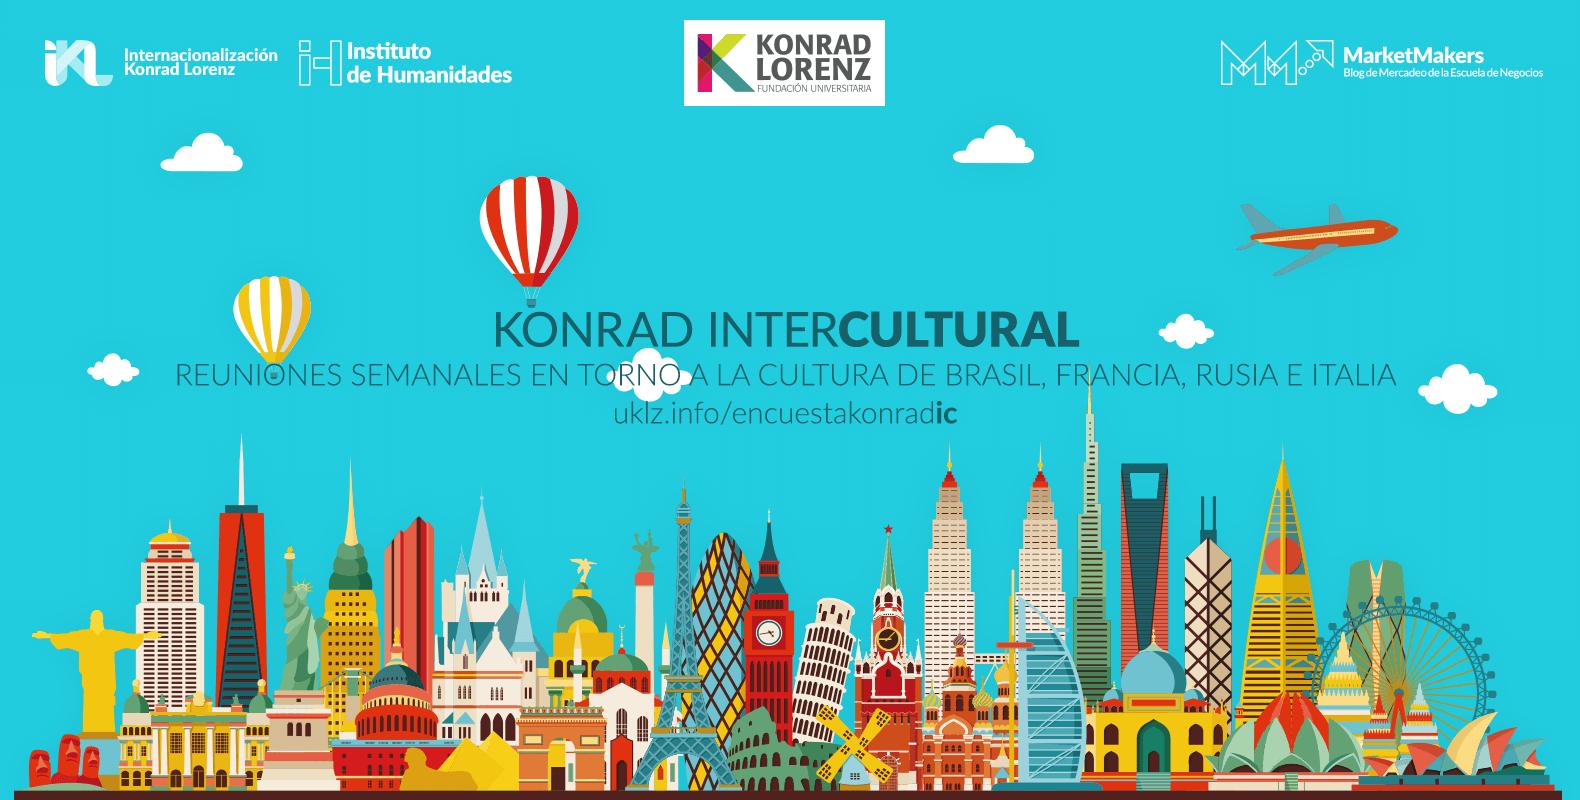 Konrad InterCultural, un impulso a la internacionalización